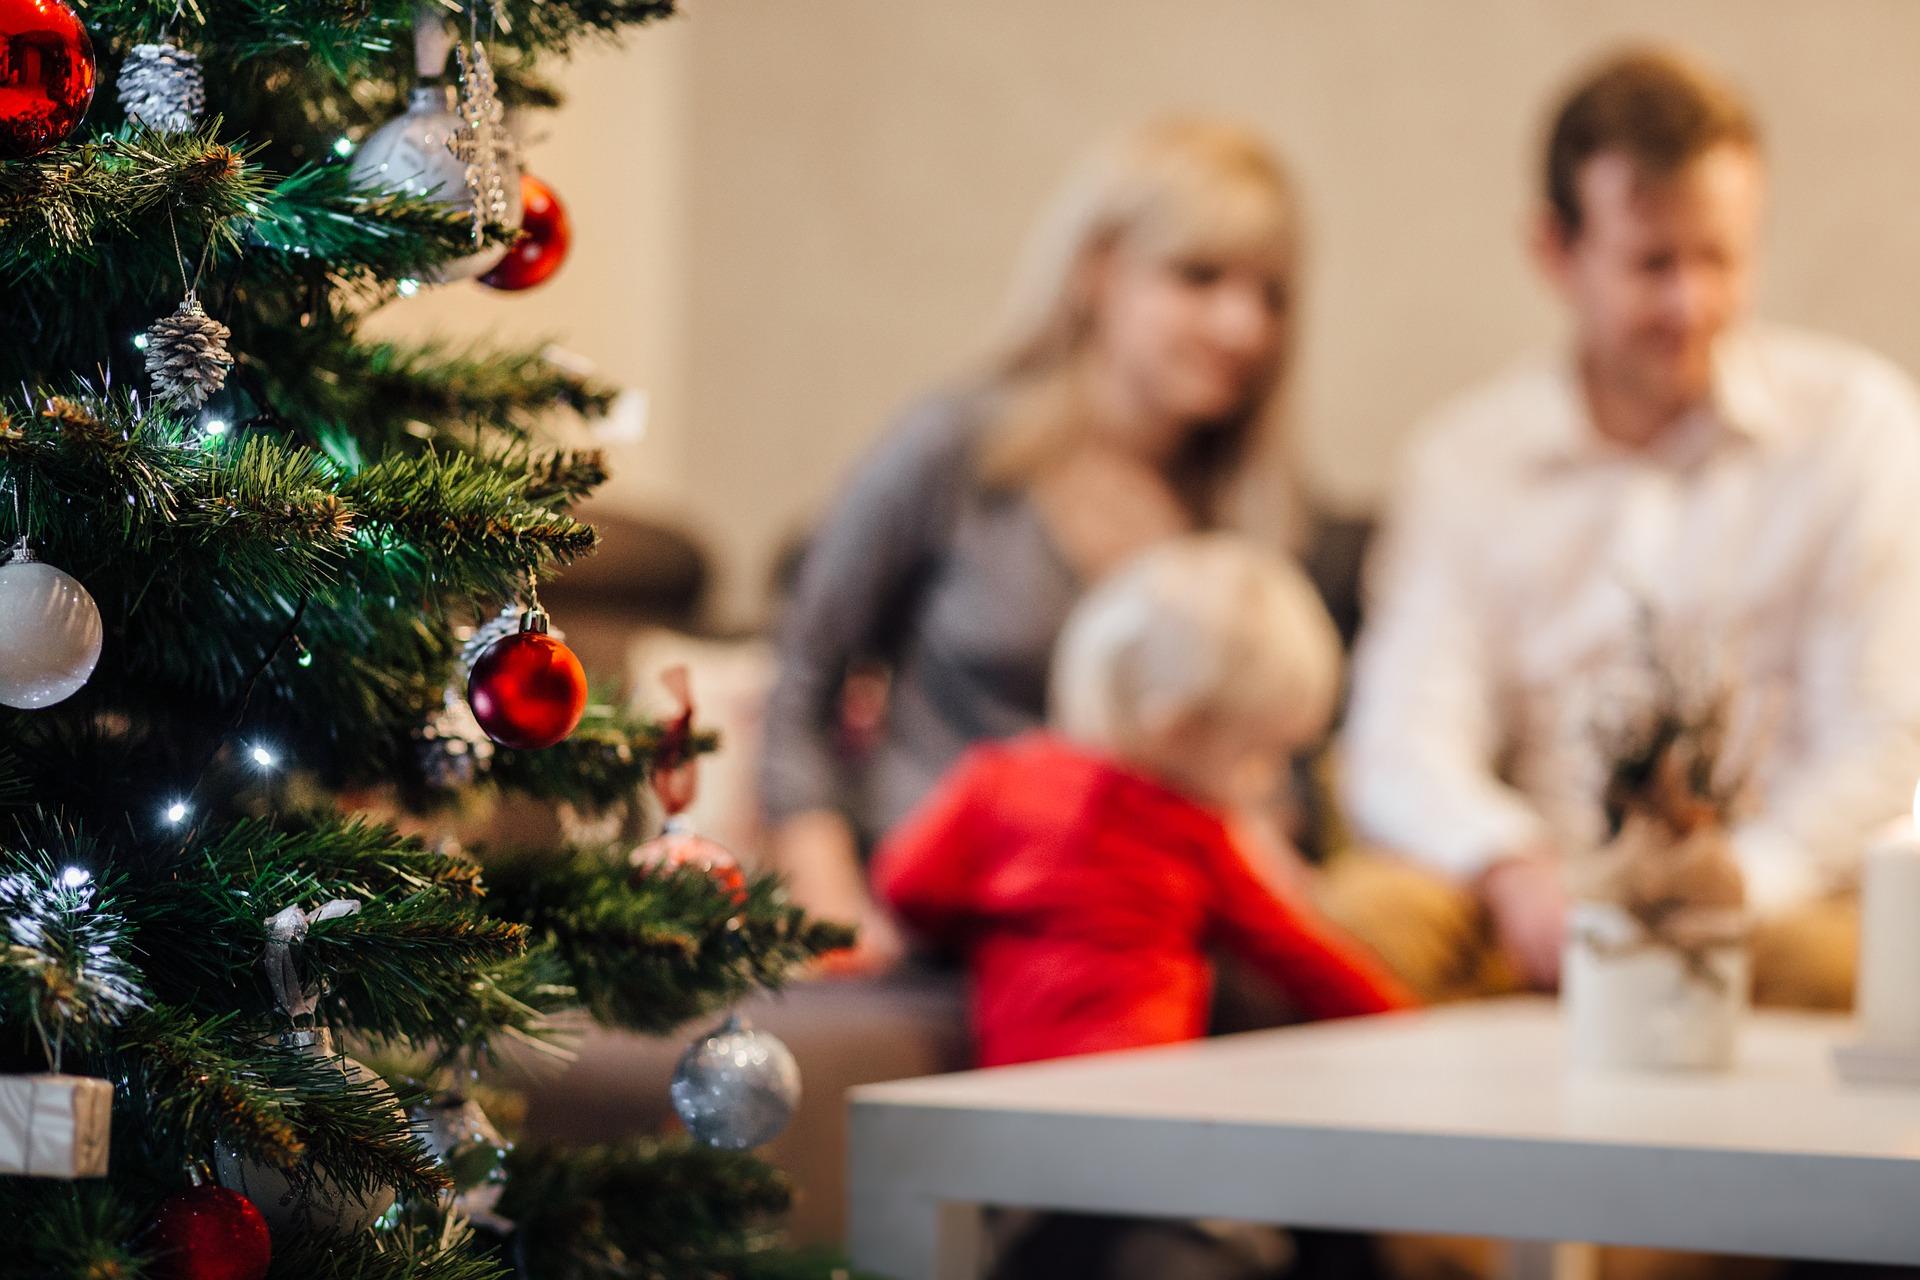 Depresión de Navidad, Blues de Navidad o Depresión blanca: ¿qué es?